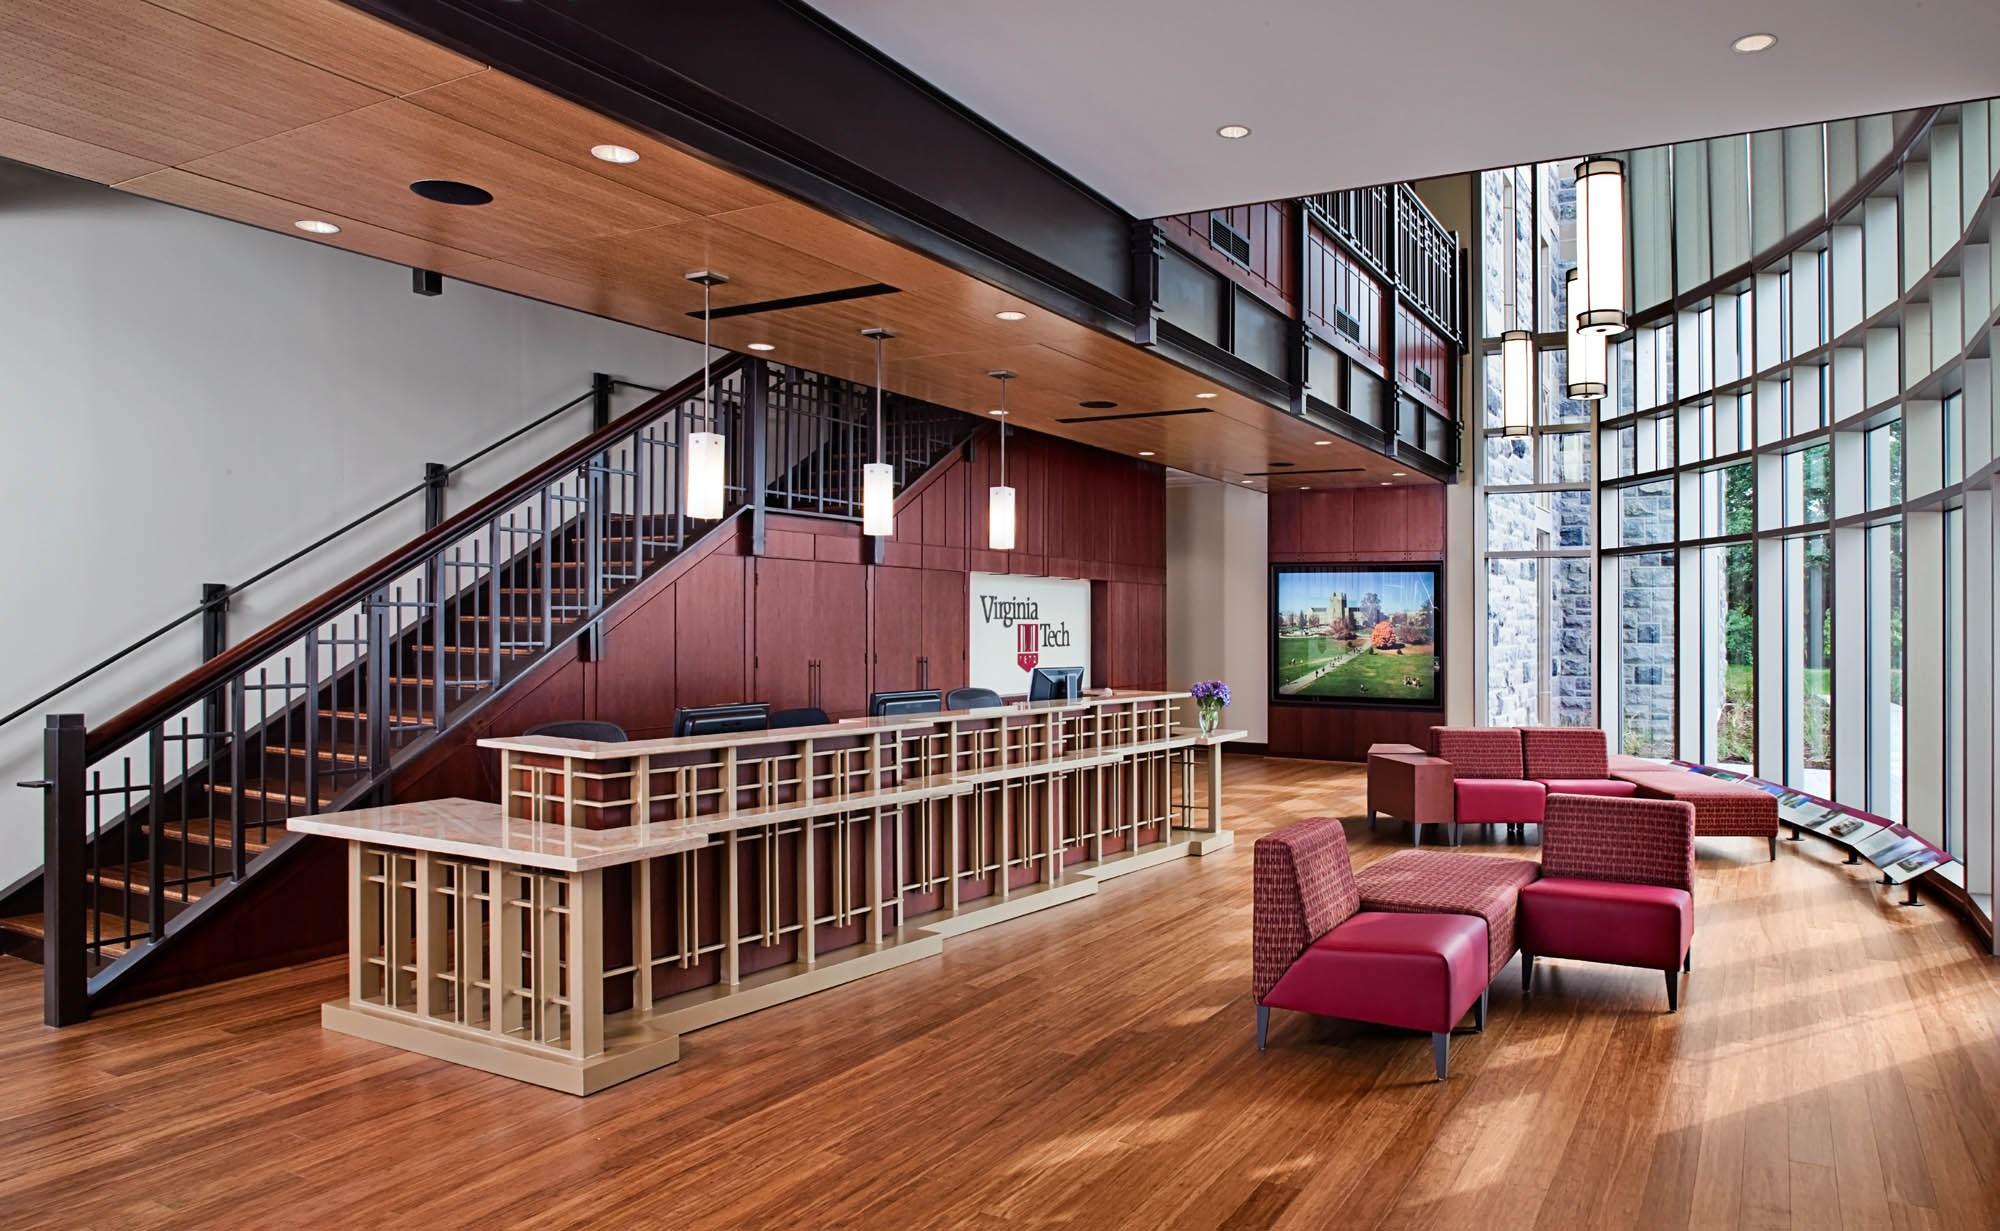 Visitors Undergraduate Admissions Center Virginia Tech